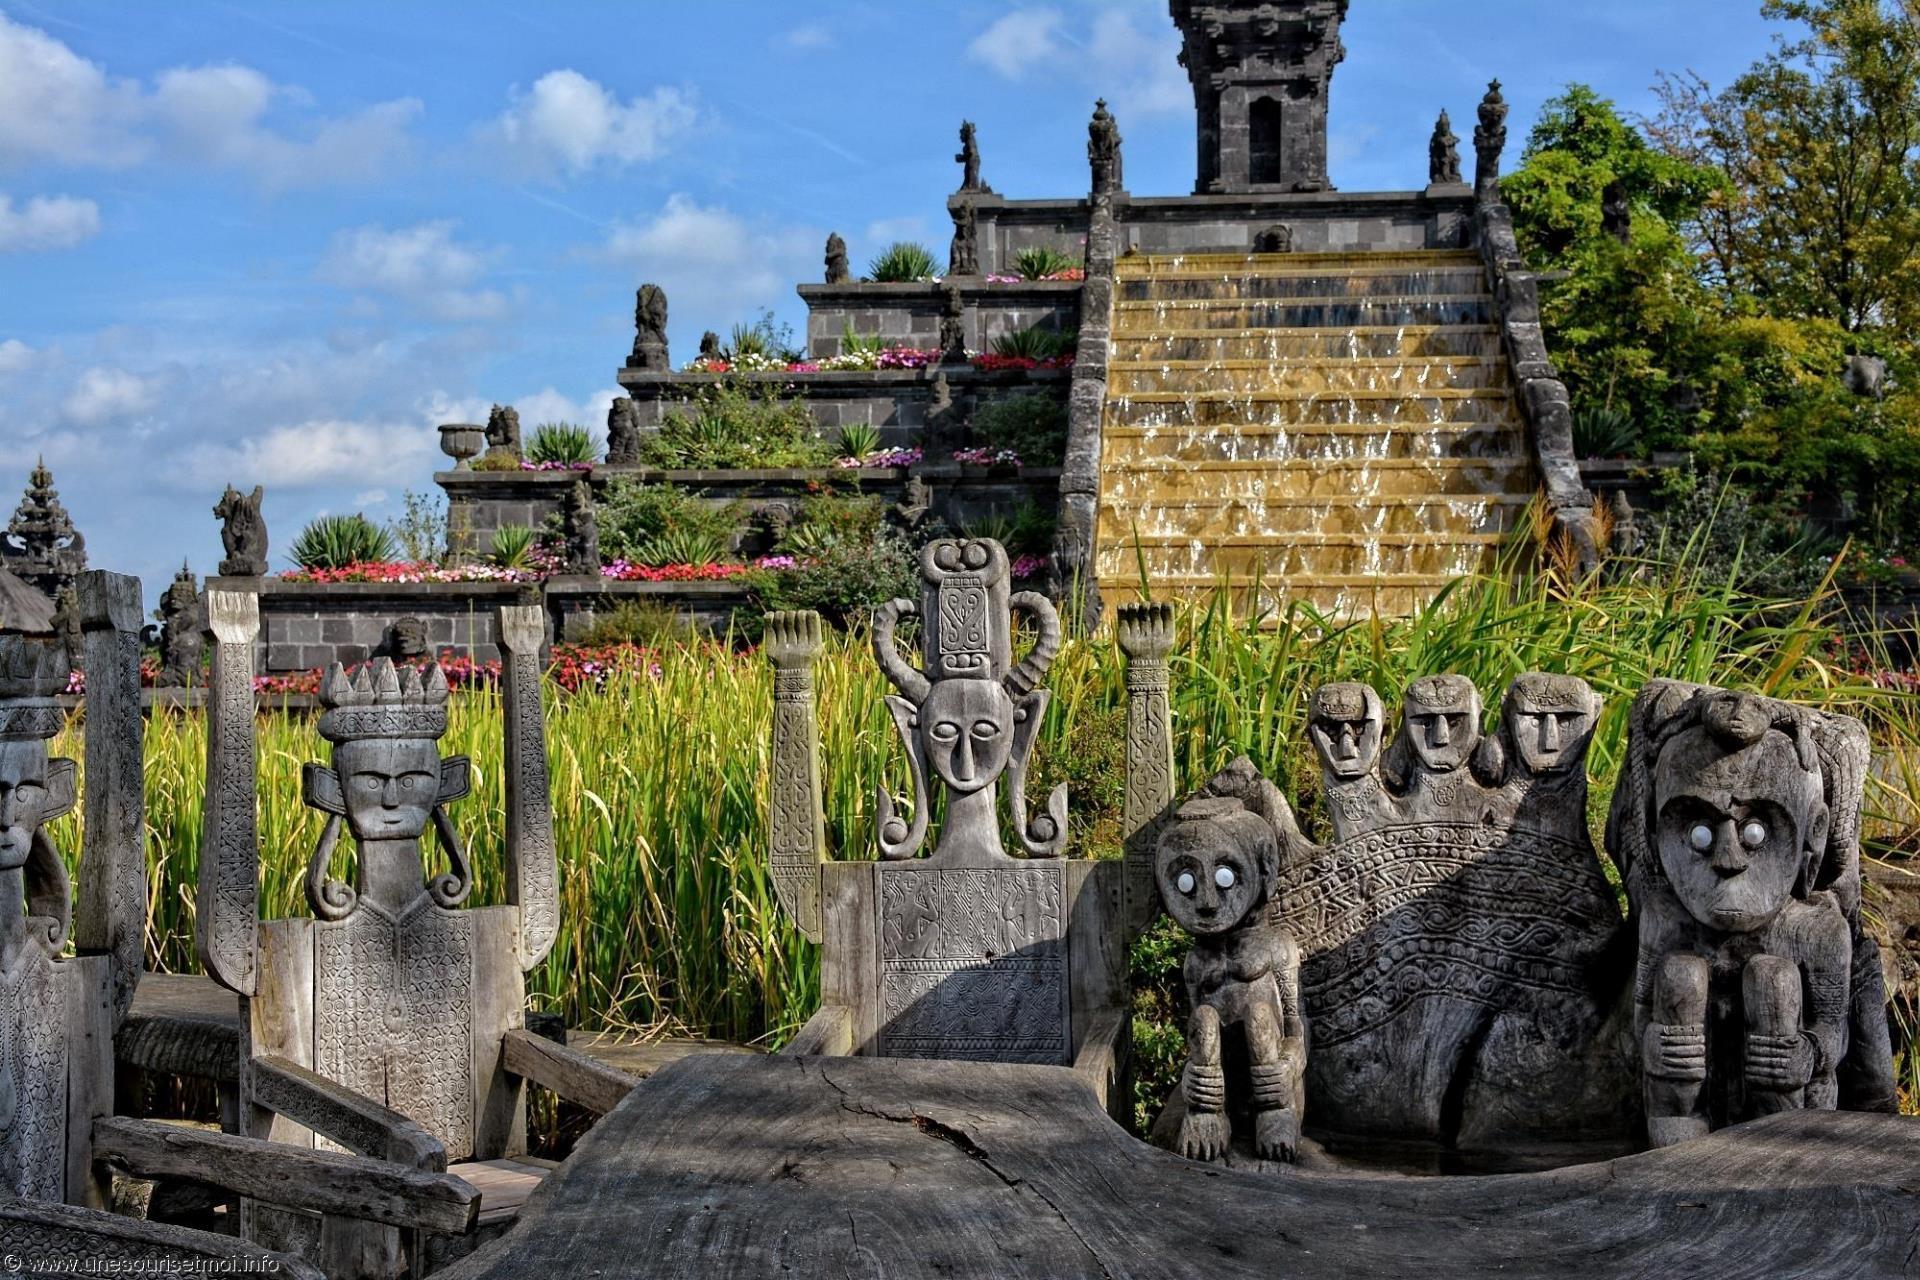 visiter-inde-tourisme-et-photographie-telechargement-gratuit_3